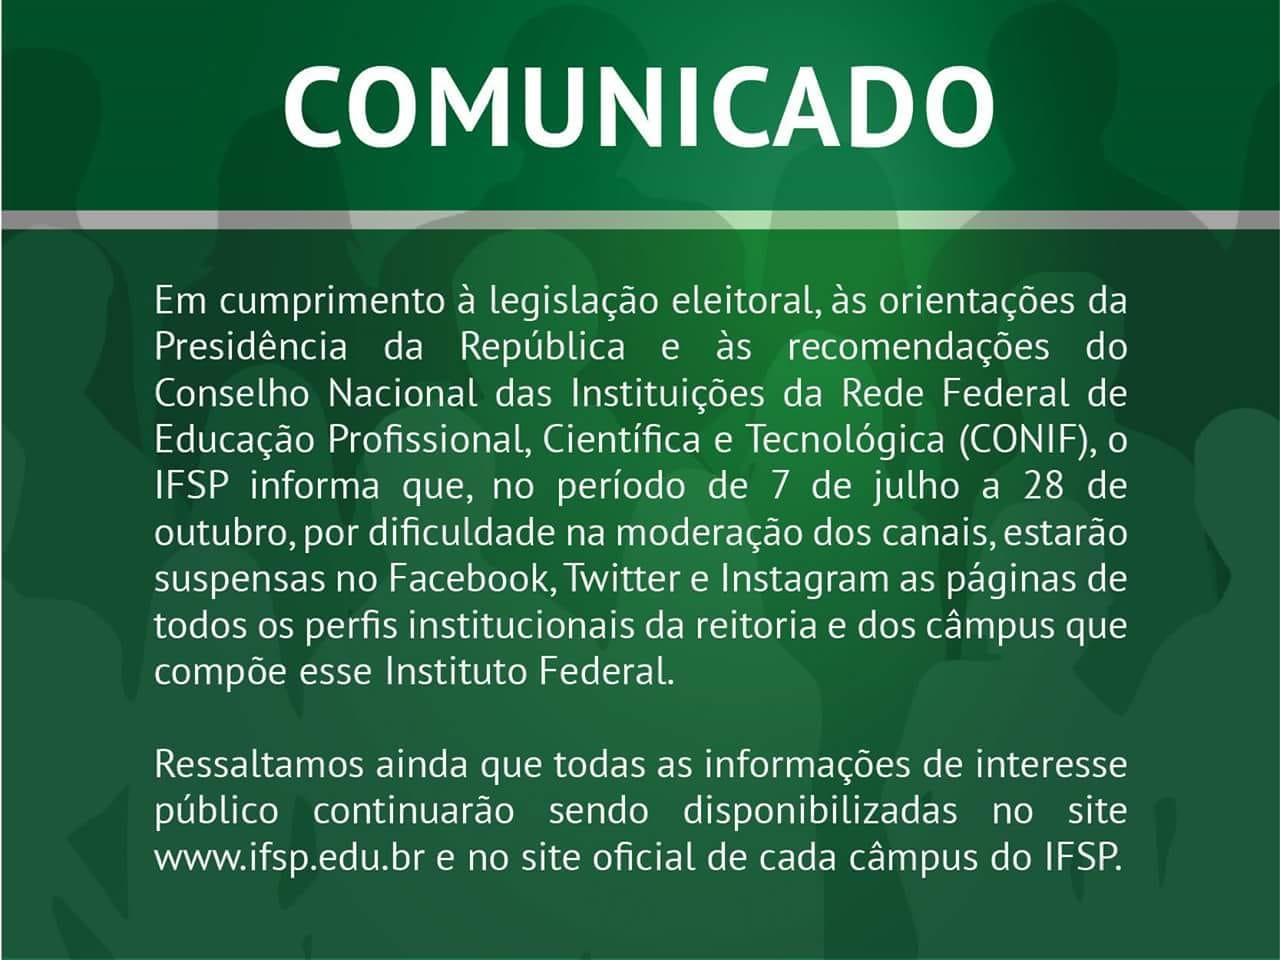 Comunicado - Perfis Institucionais do Instituto Federal